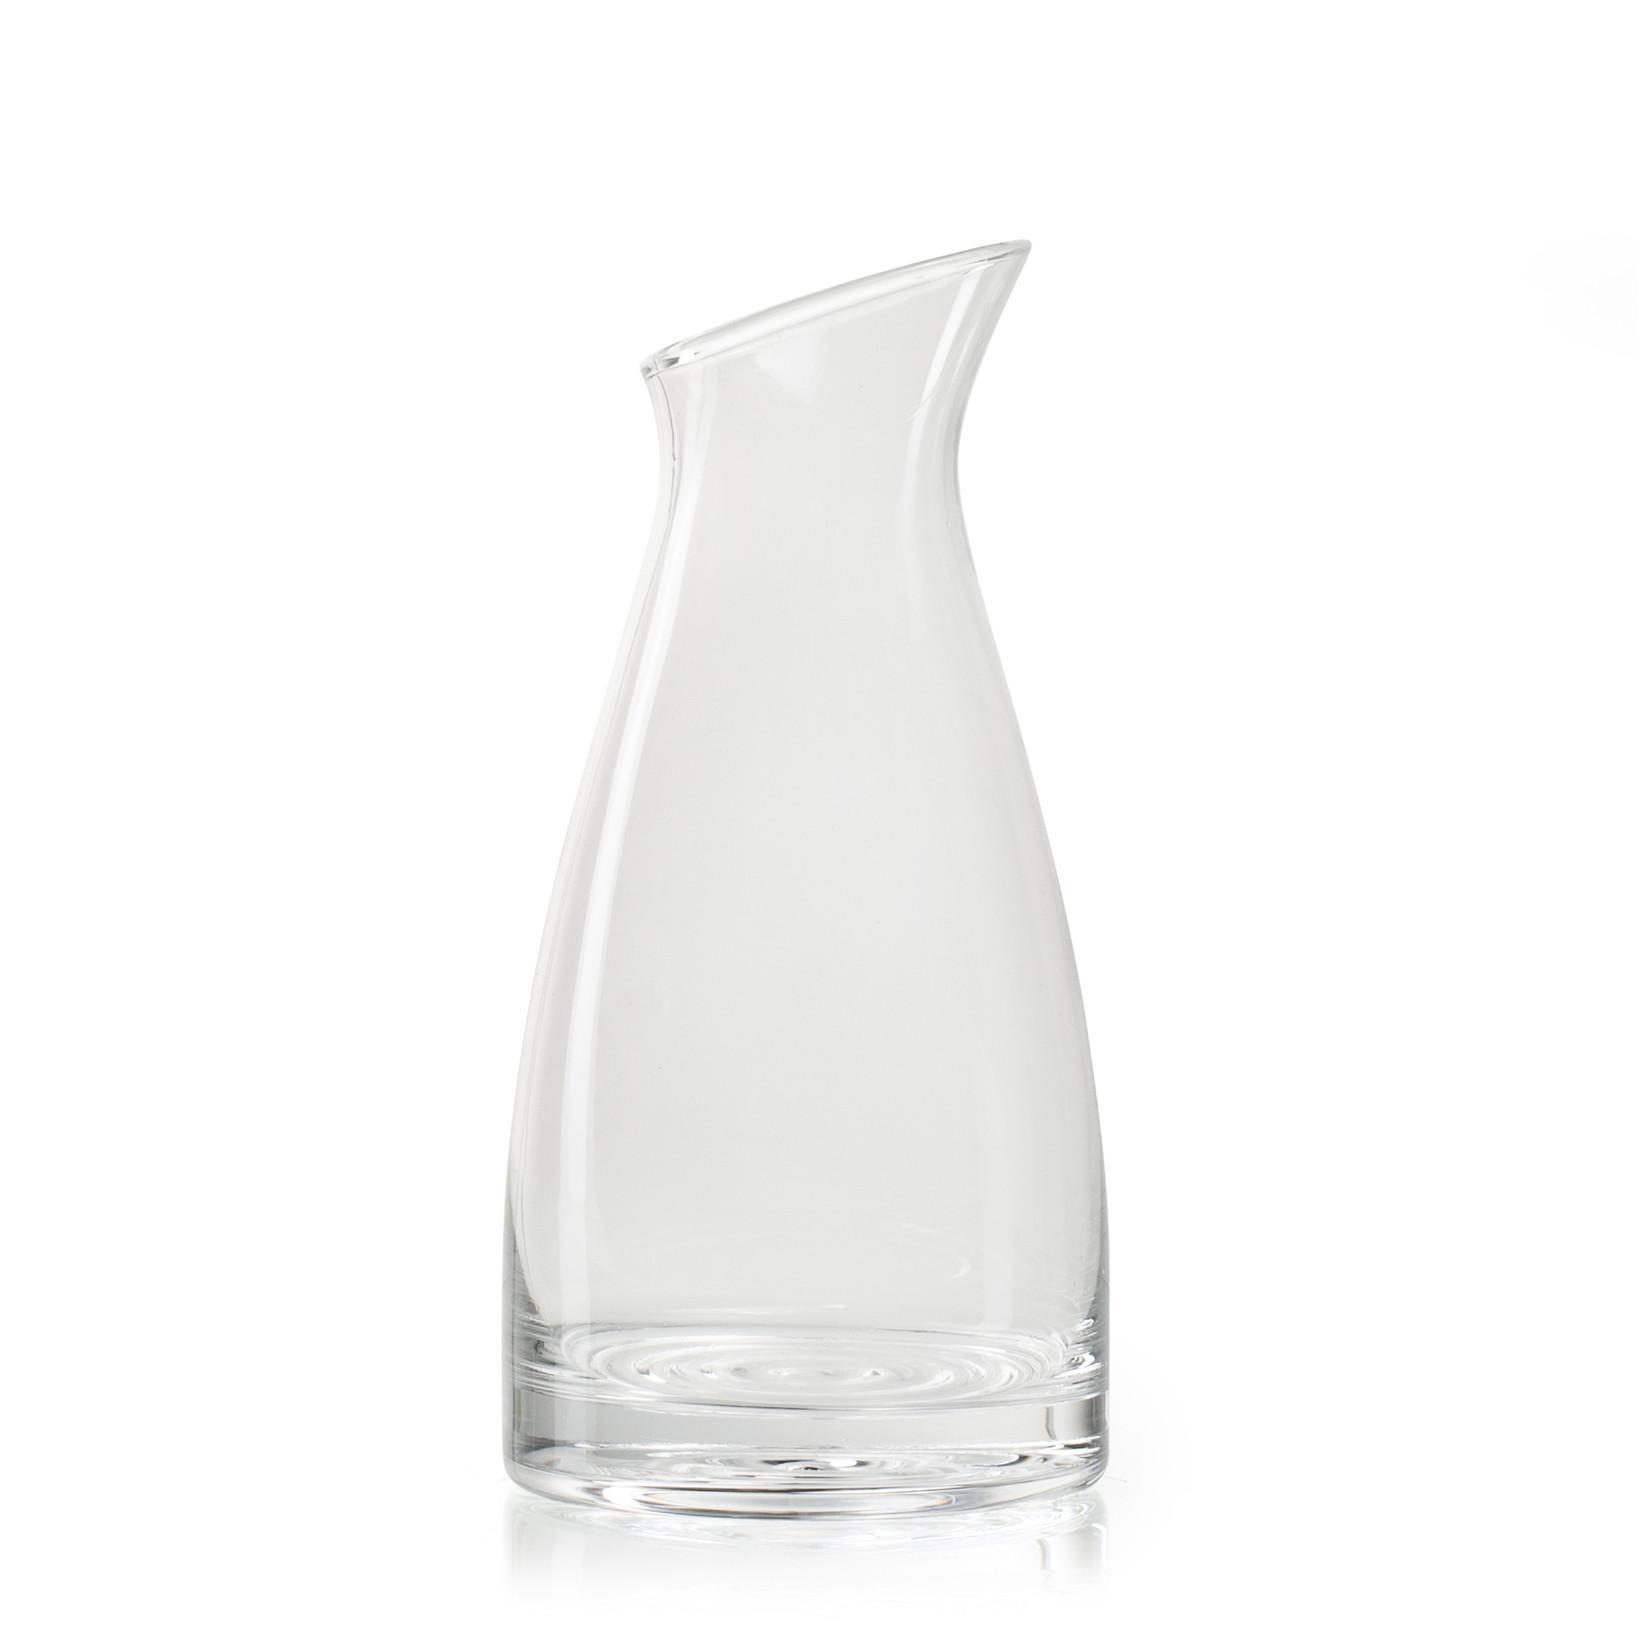 Jodeco Glass Karaf 'Vasil' 1L H25 D12 cm Transparant